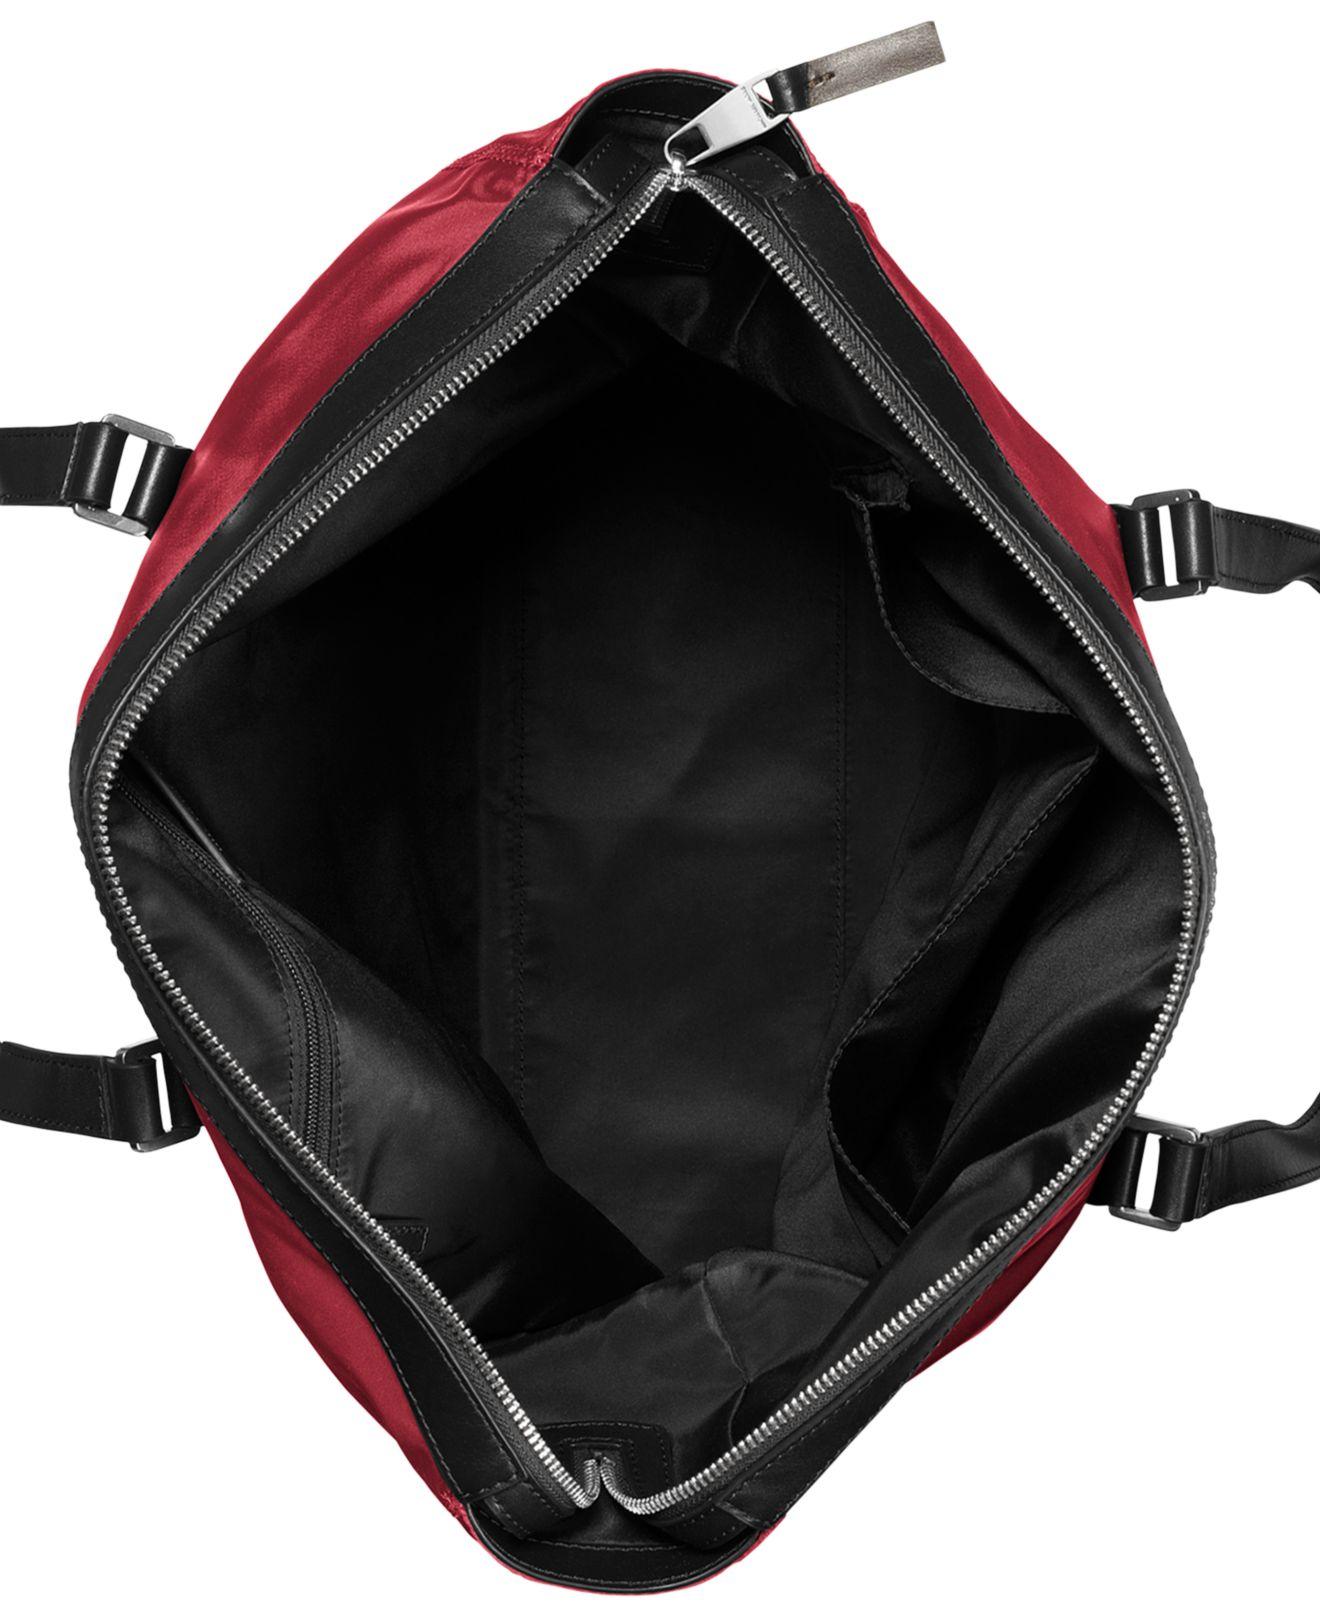 Bolsa Michael Kors Nylon : Michael kors kent light weight nylon large tote in red for